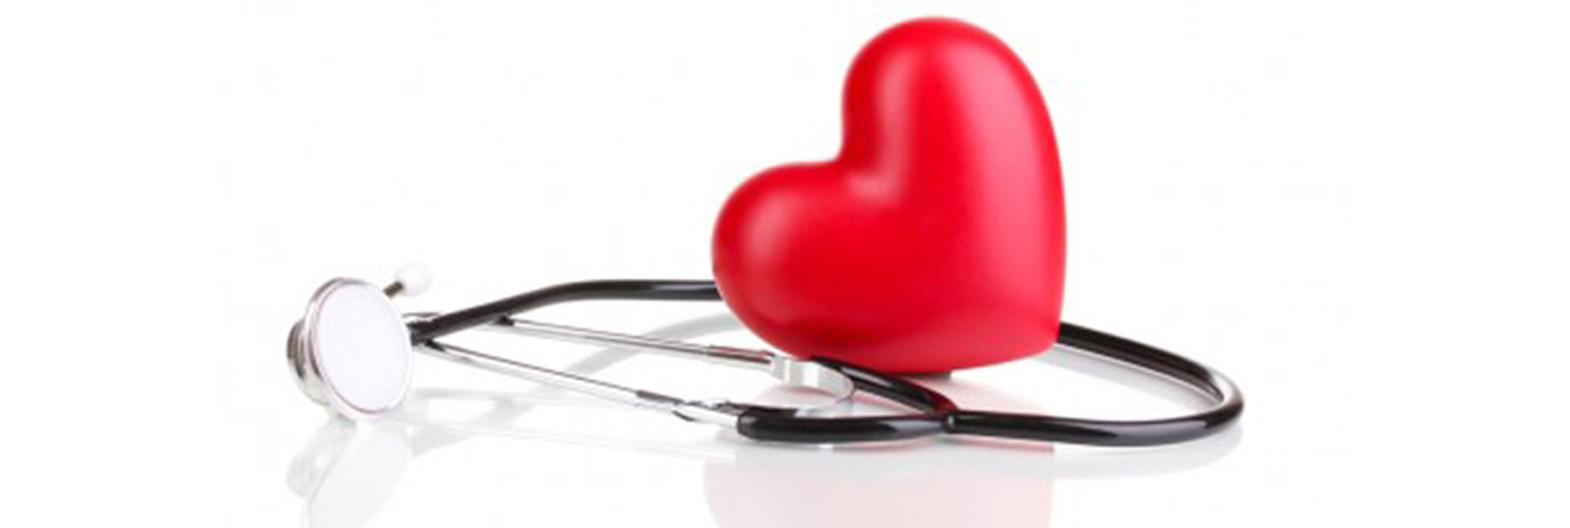 Vienas kraujo lašas gali parodyti ir pažeistą kraujagyslę